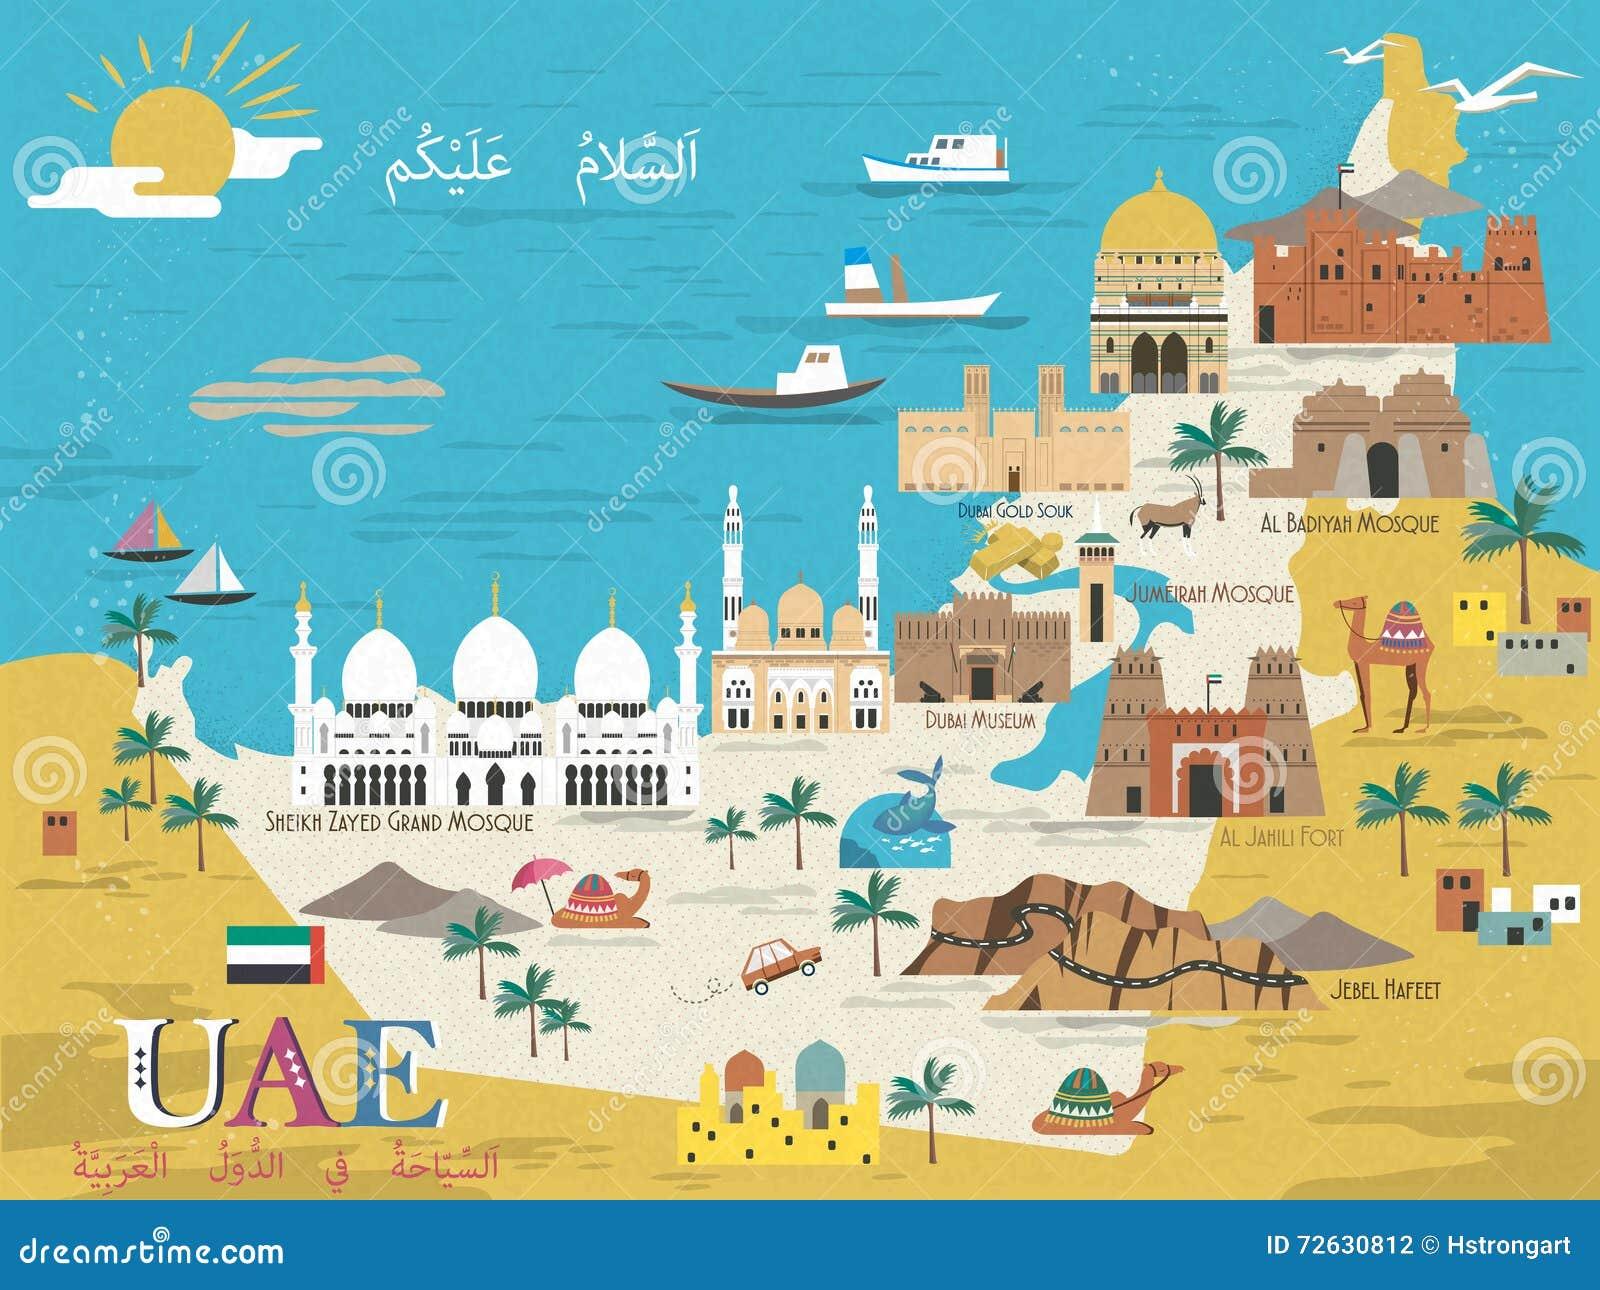 Tourist Areas In Uae Uae travel concept map stock illustration